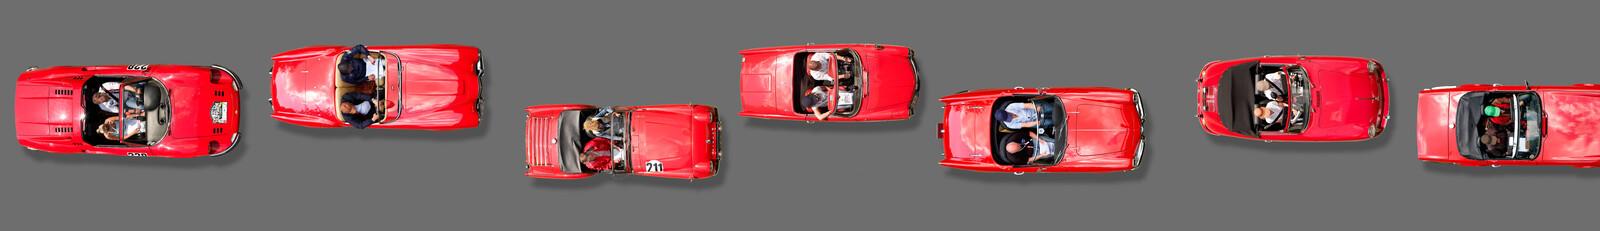 red car - Bernhard Schmerl